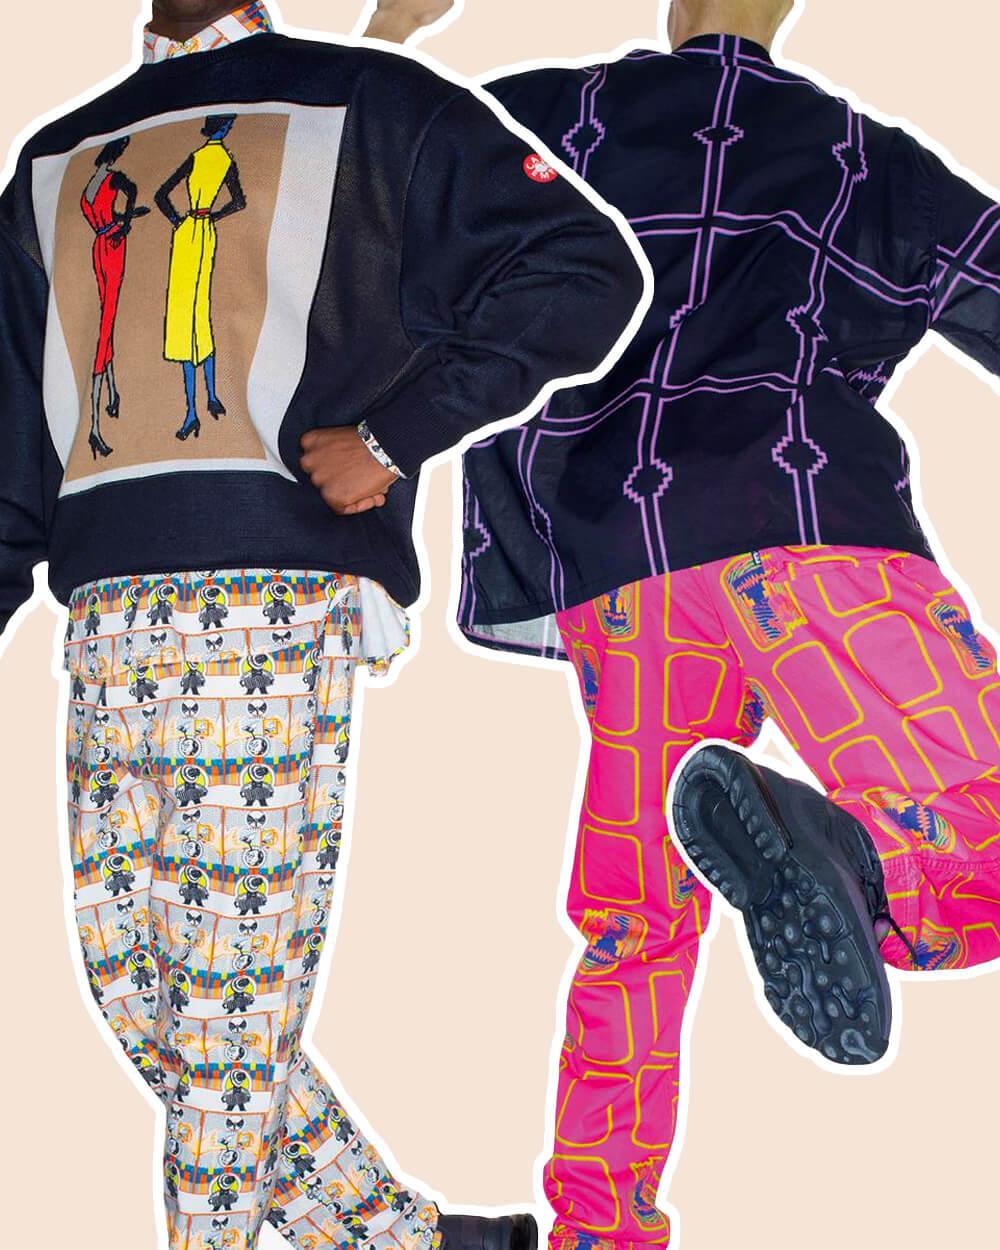 Sk8thing fashion